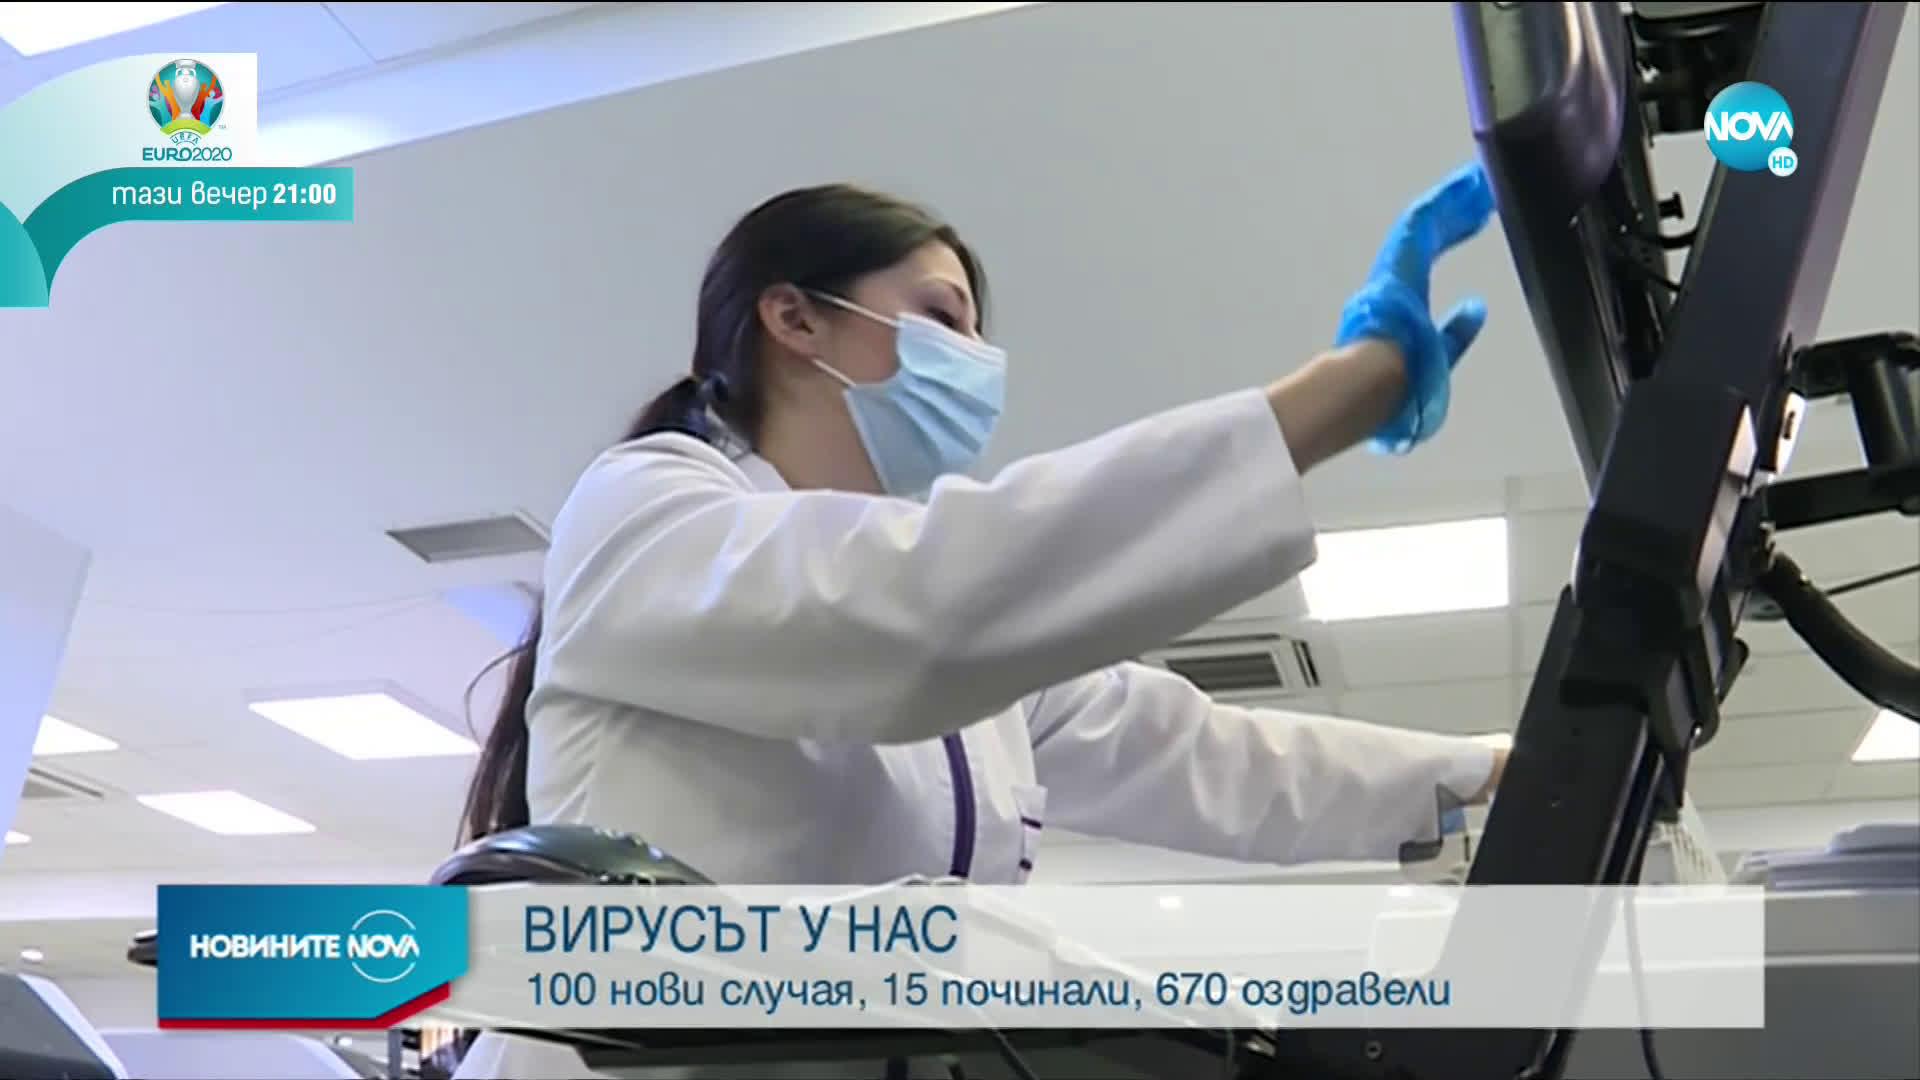 100 са новите случаи на коронавирус за денонощието в България